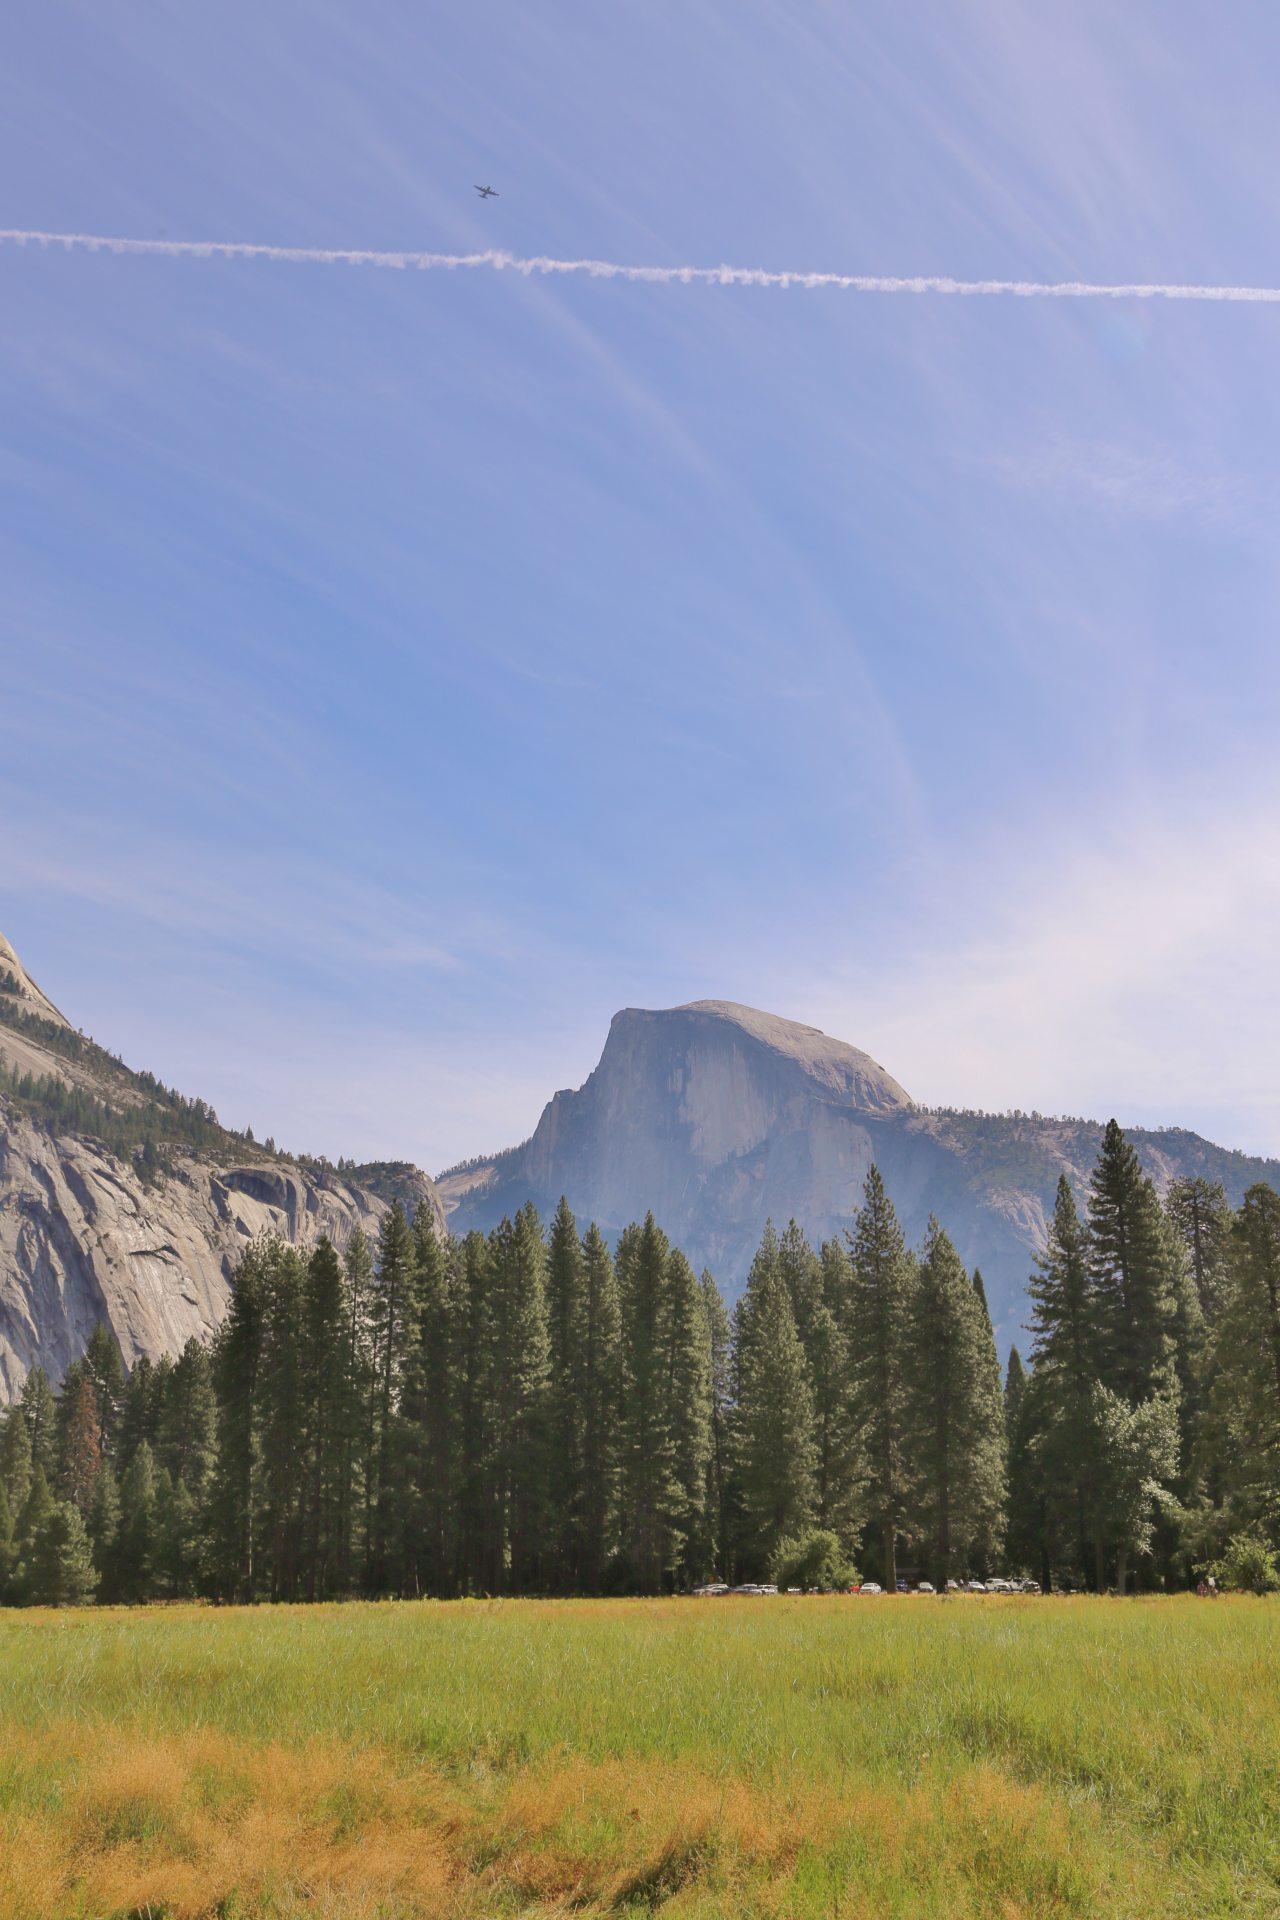 Half Dome in Aktion - Aussicht, Bäume, Berg, Fernsicht, Flugzeug, Half Dome, Himmel, Kalifornien, Kondensstreifen, Landschaft, Natur, Panorama, Wiese, Wolken, Yosemite National Park - (Yosemite Village, Yosemite National Park, California, Vereinigte Staaten)